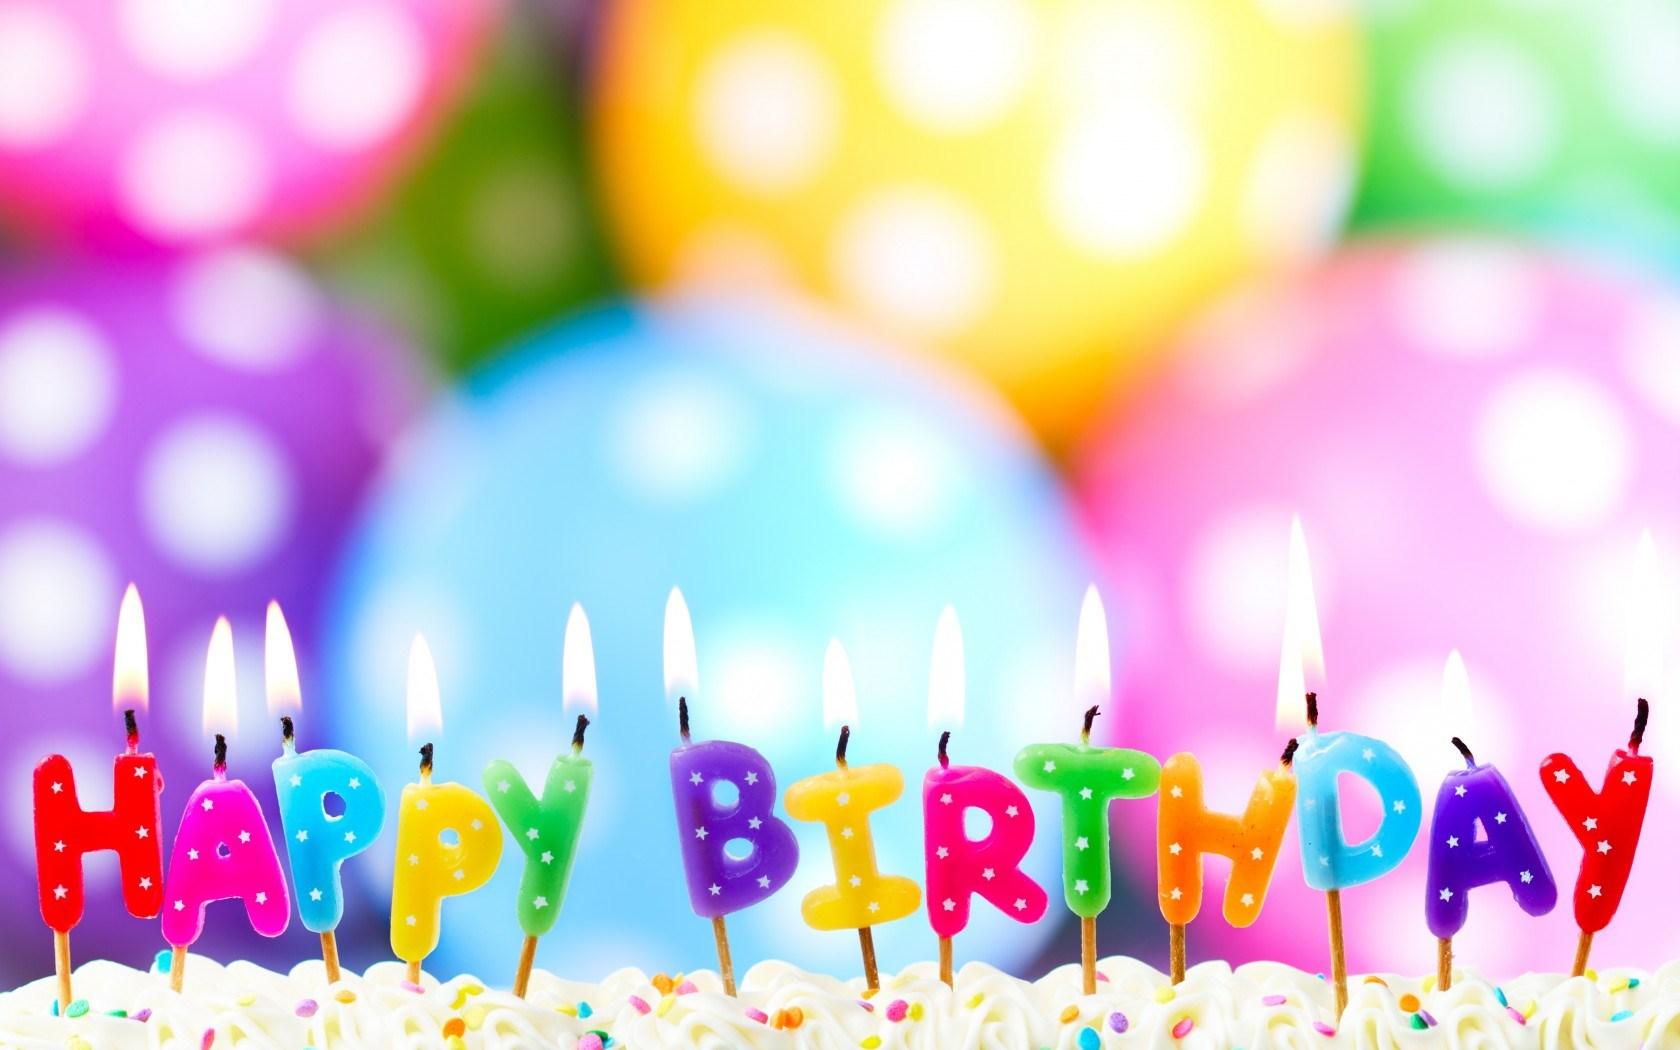 Happy Birthday Beauty Terapia! Parabéns pelo seu primeiro ano de vida!